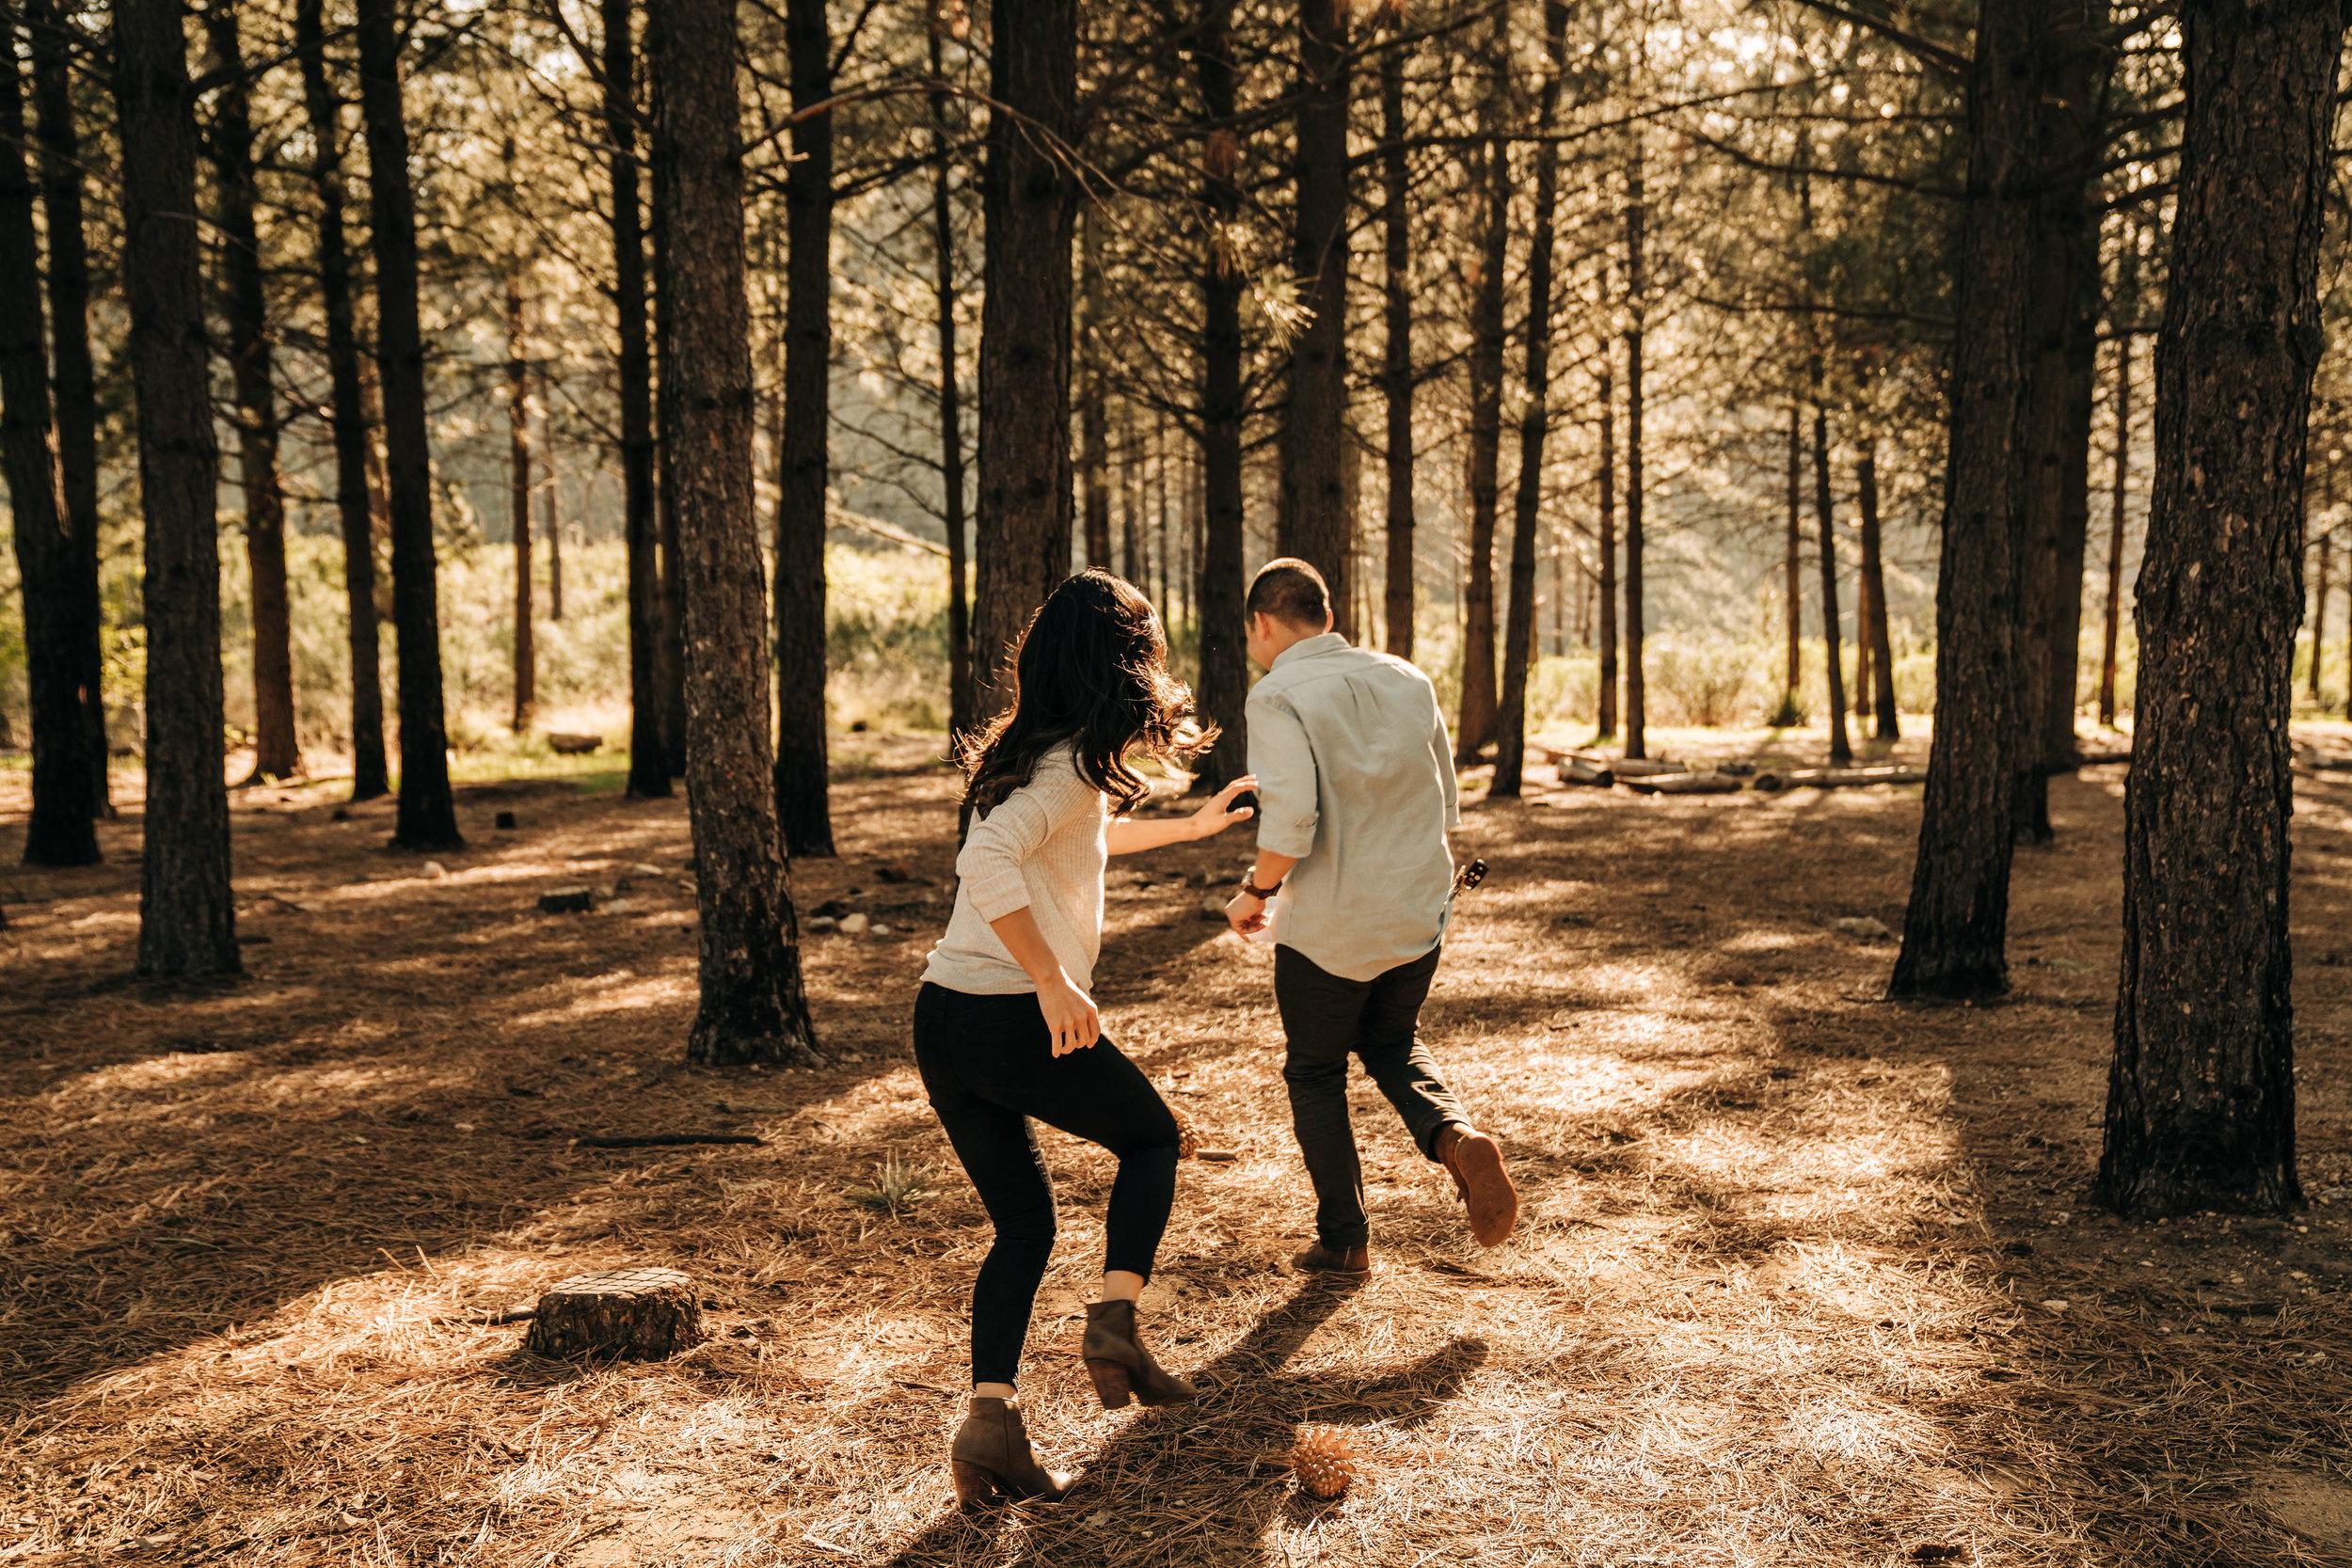 la-forest-engagement-photos-025.jpg